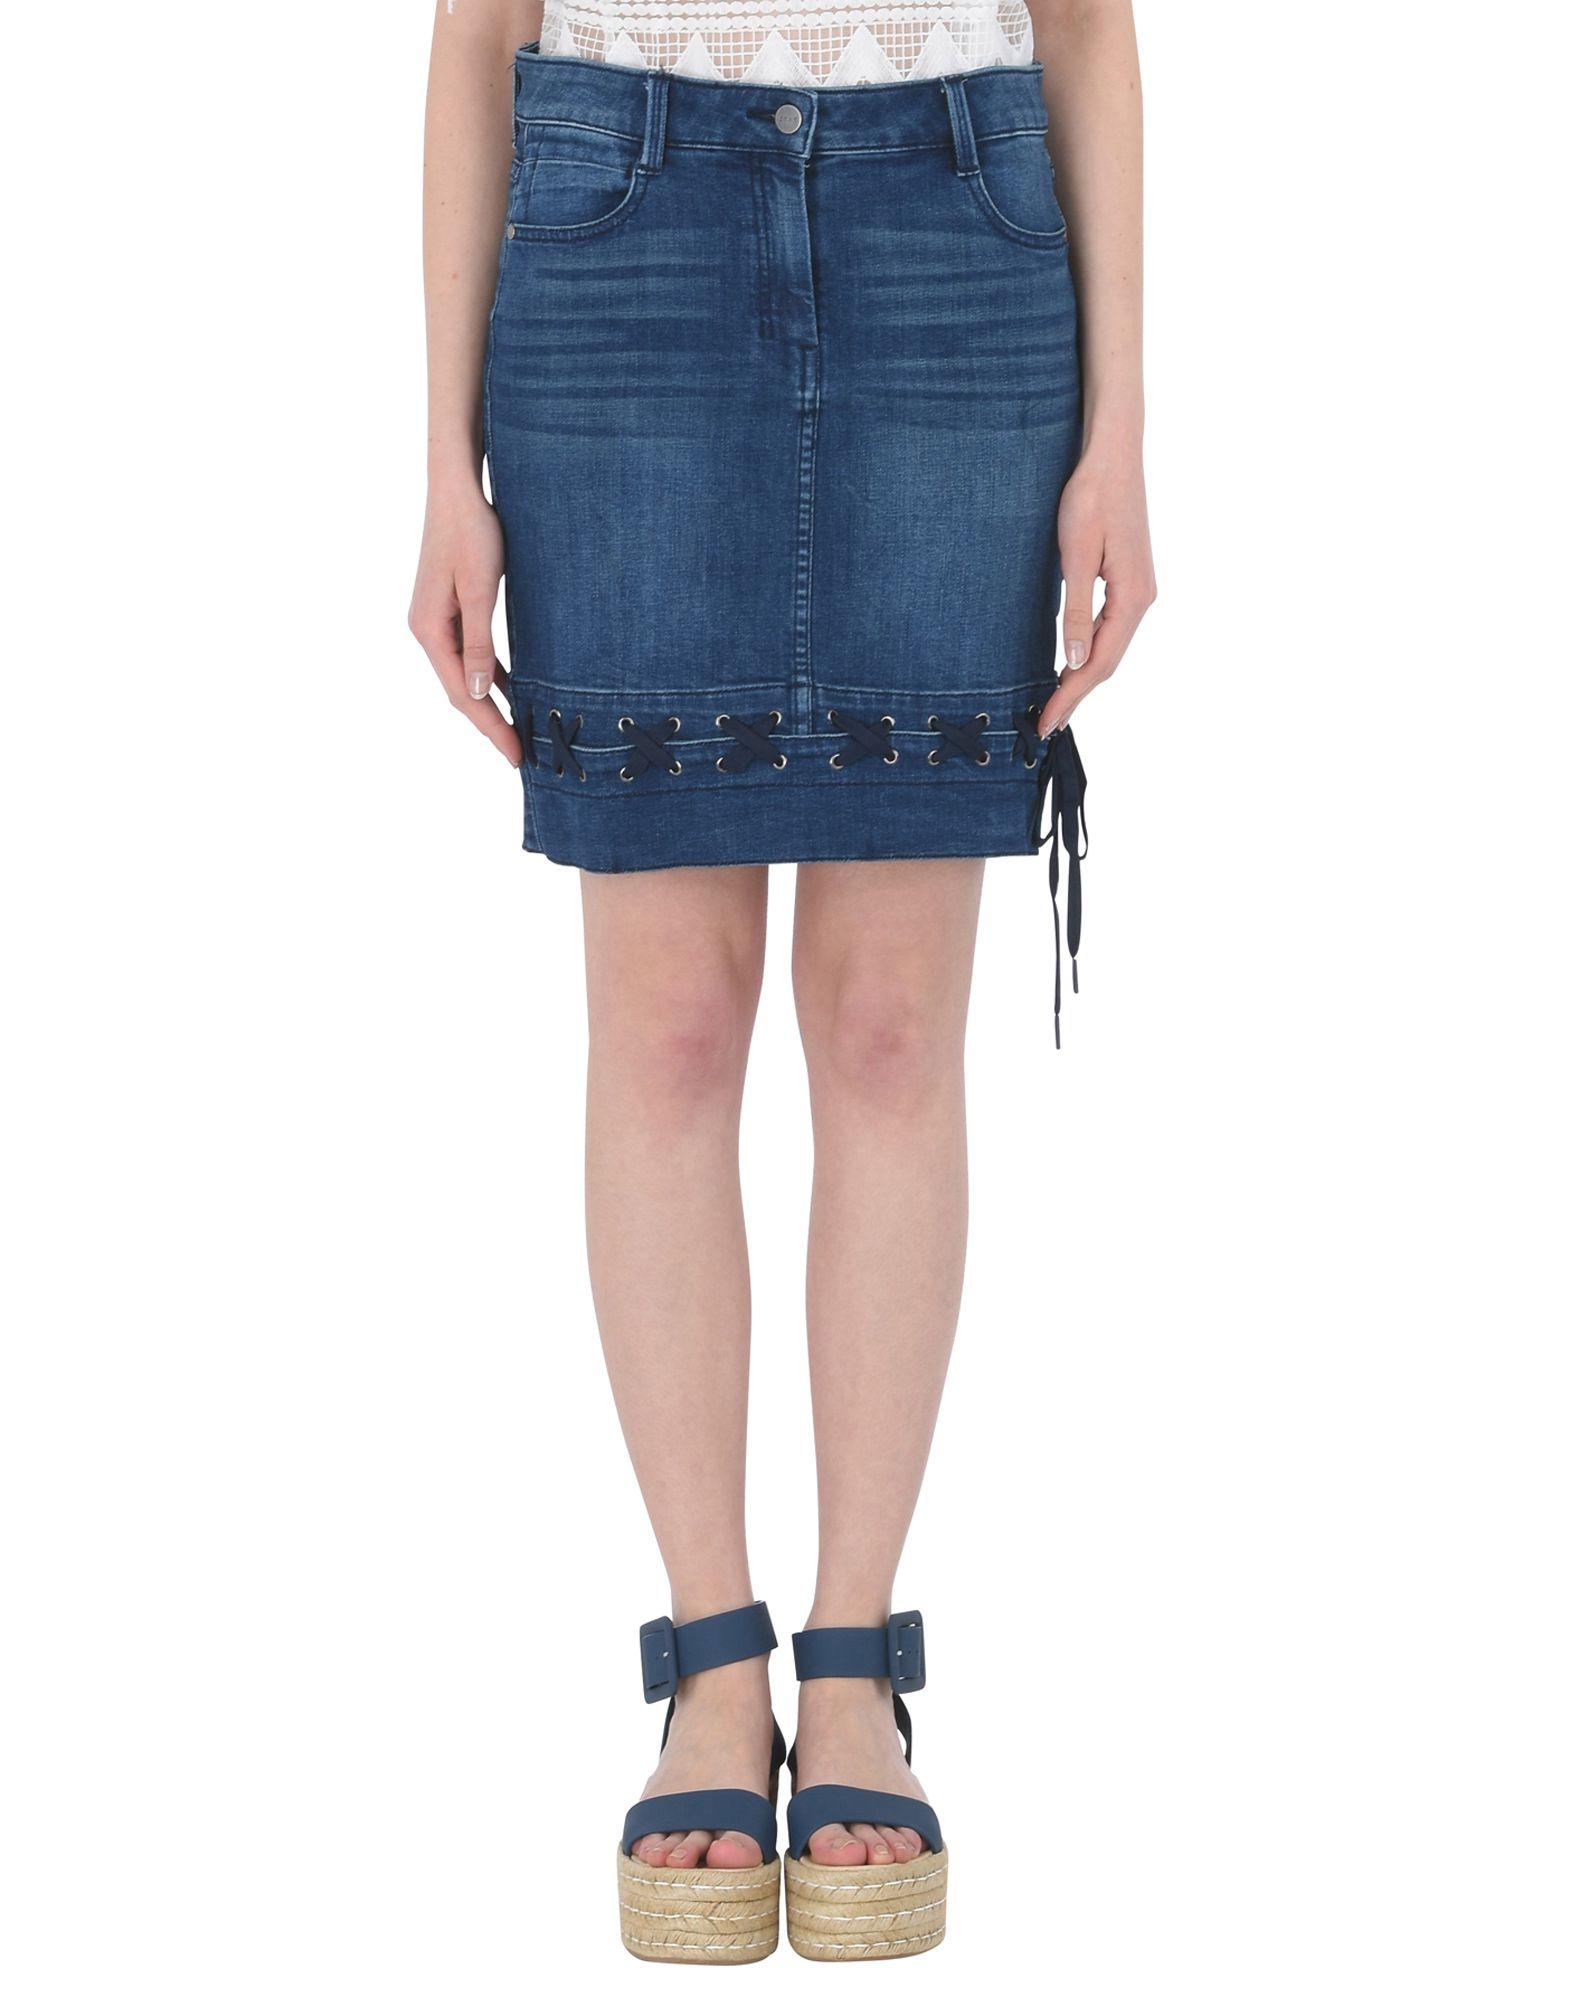 Фото - DKNY Джинсовая юбка обувь на высокой платформе dkny